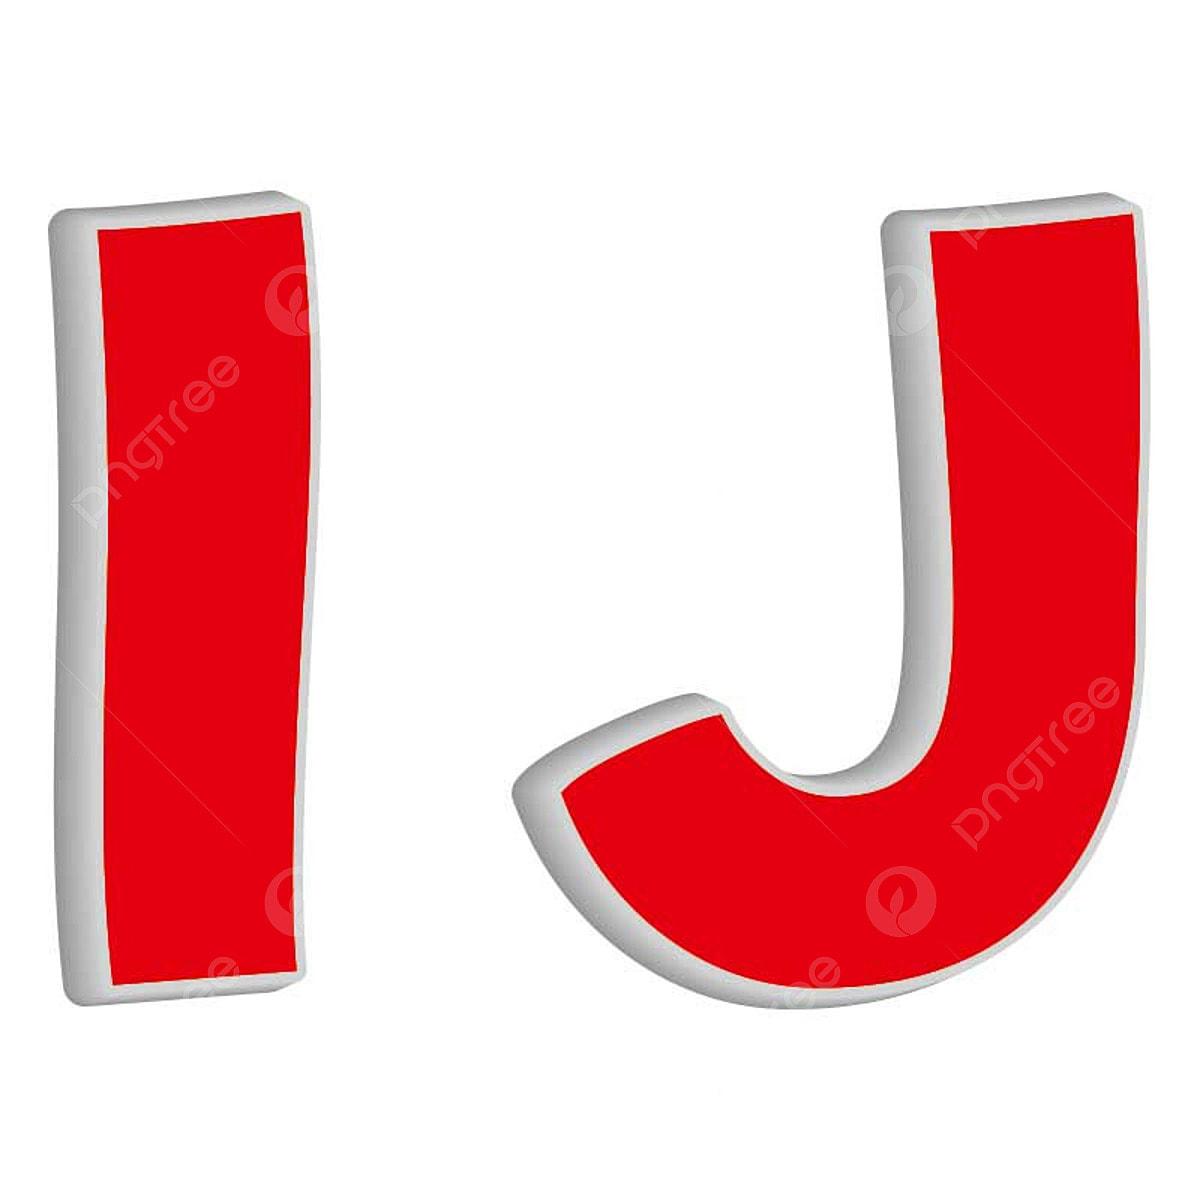 Lettre I Et J, L'utilisation De Caractères En 3d Une ...